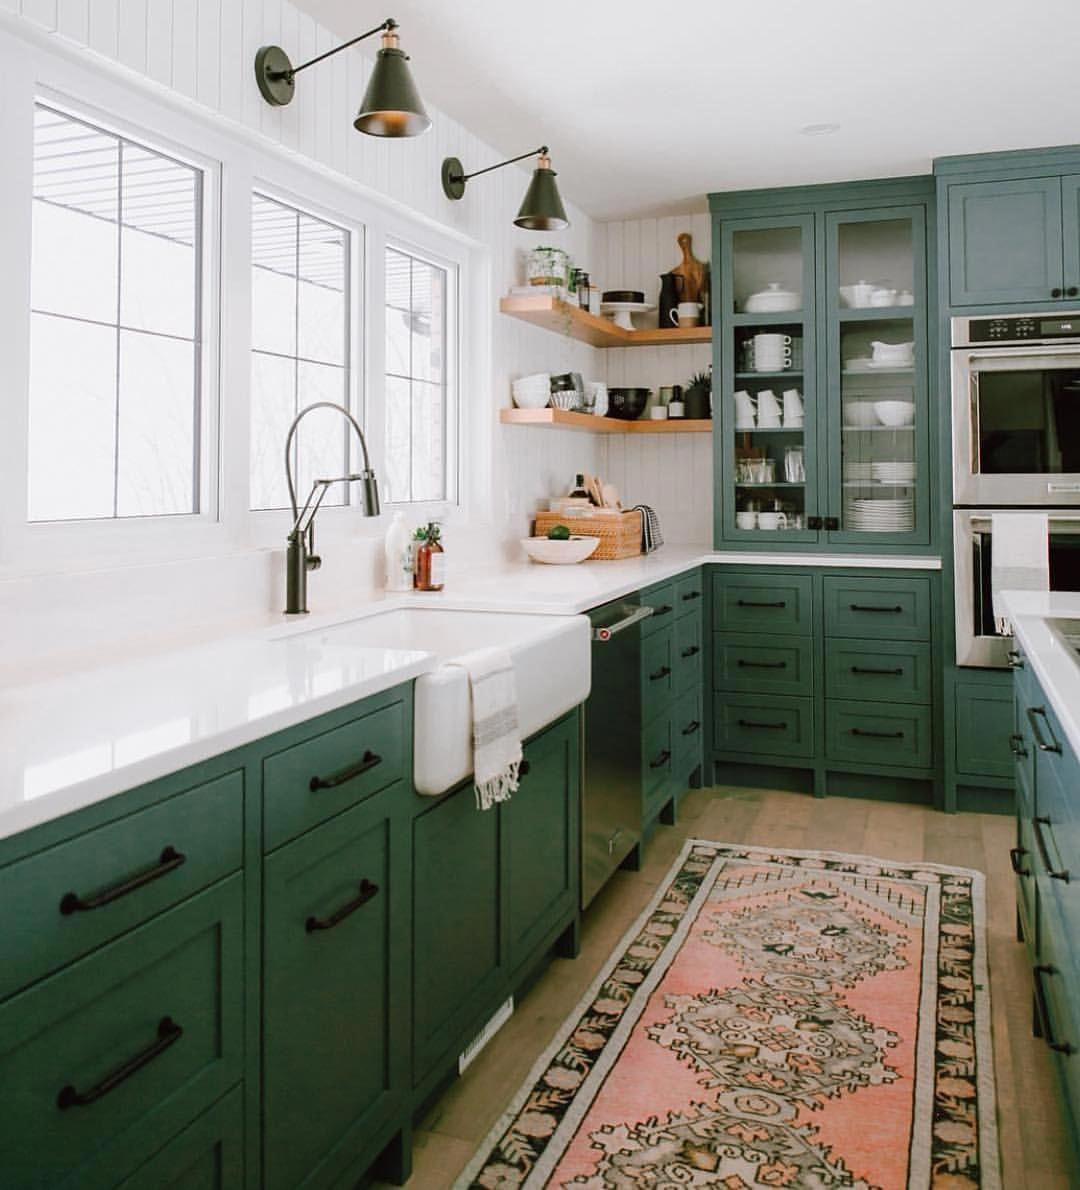 Find Other Ideas Green Kitchen Walls Ideas Green Kitchen Color Scheme Contemporary Green Kitchen Green Kitchen Walls Interior Design Kitchen Kitchen Interior